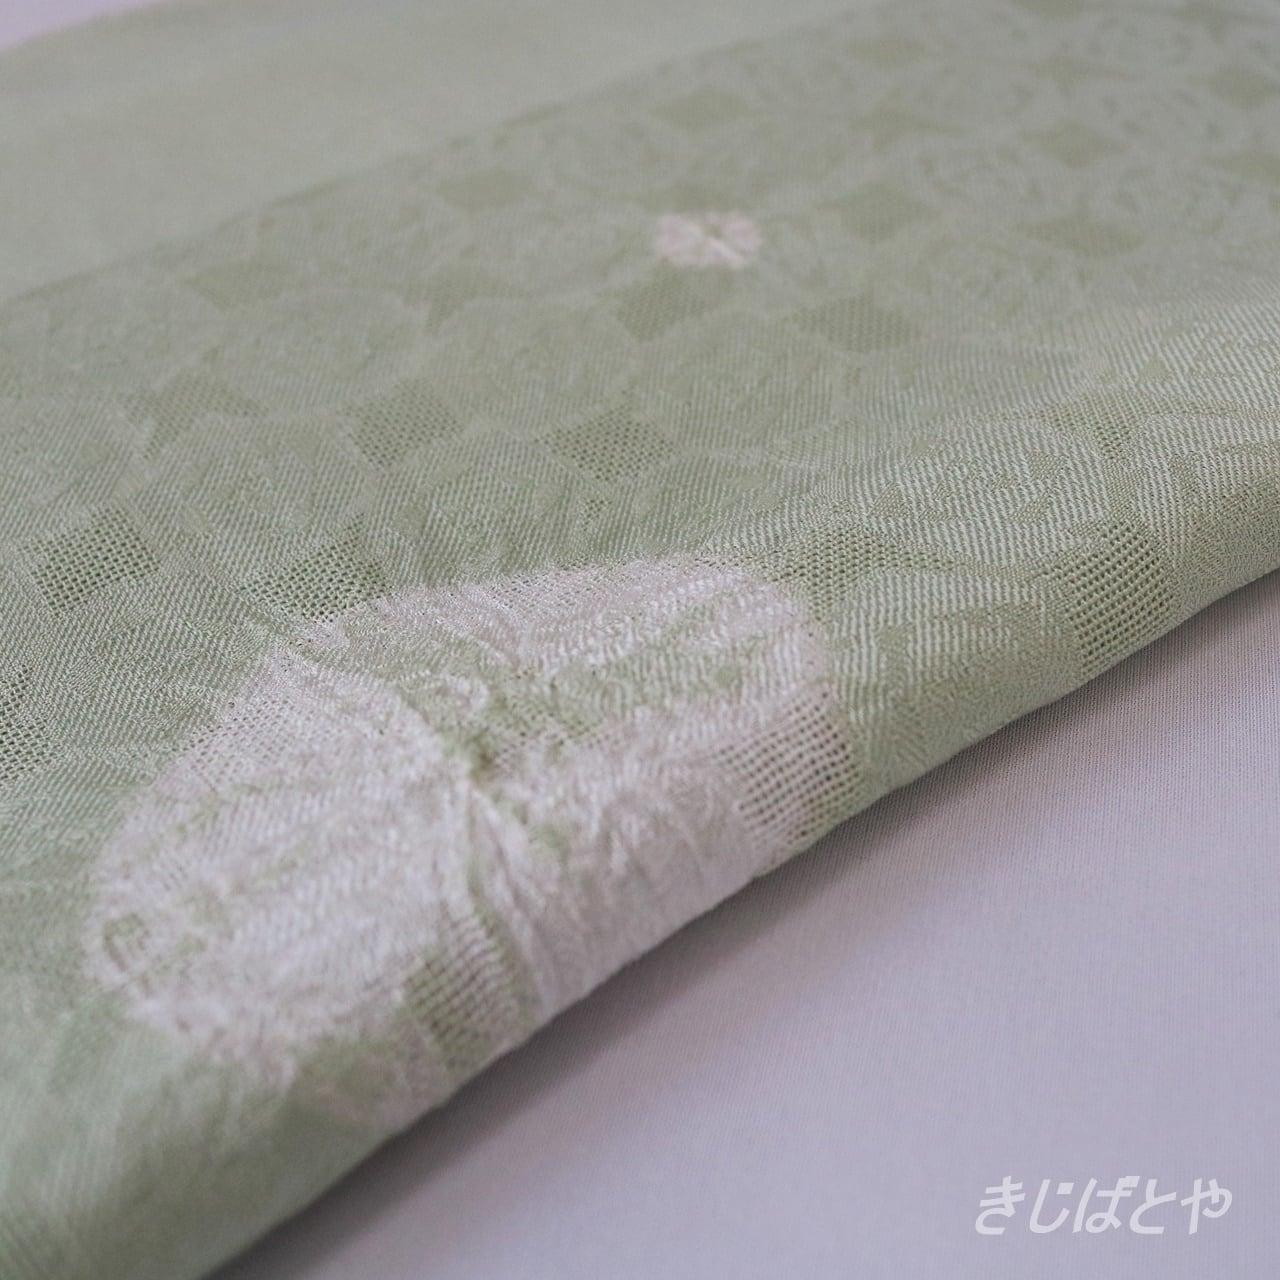 正絹絽 絞りの帯揚げ 龍泉青磁釉色